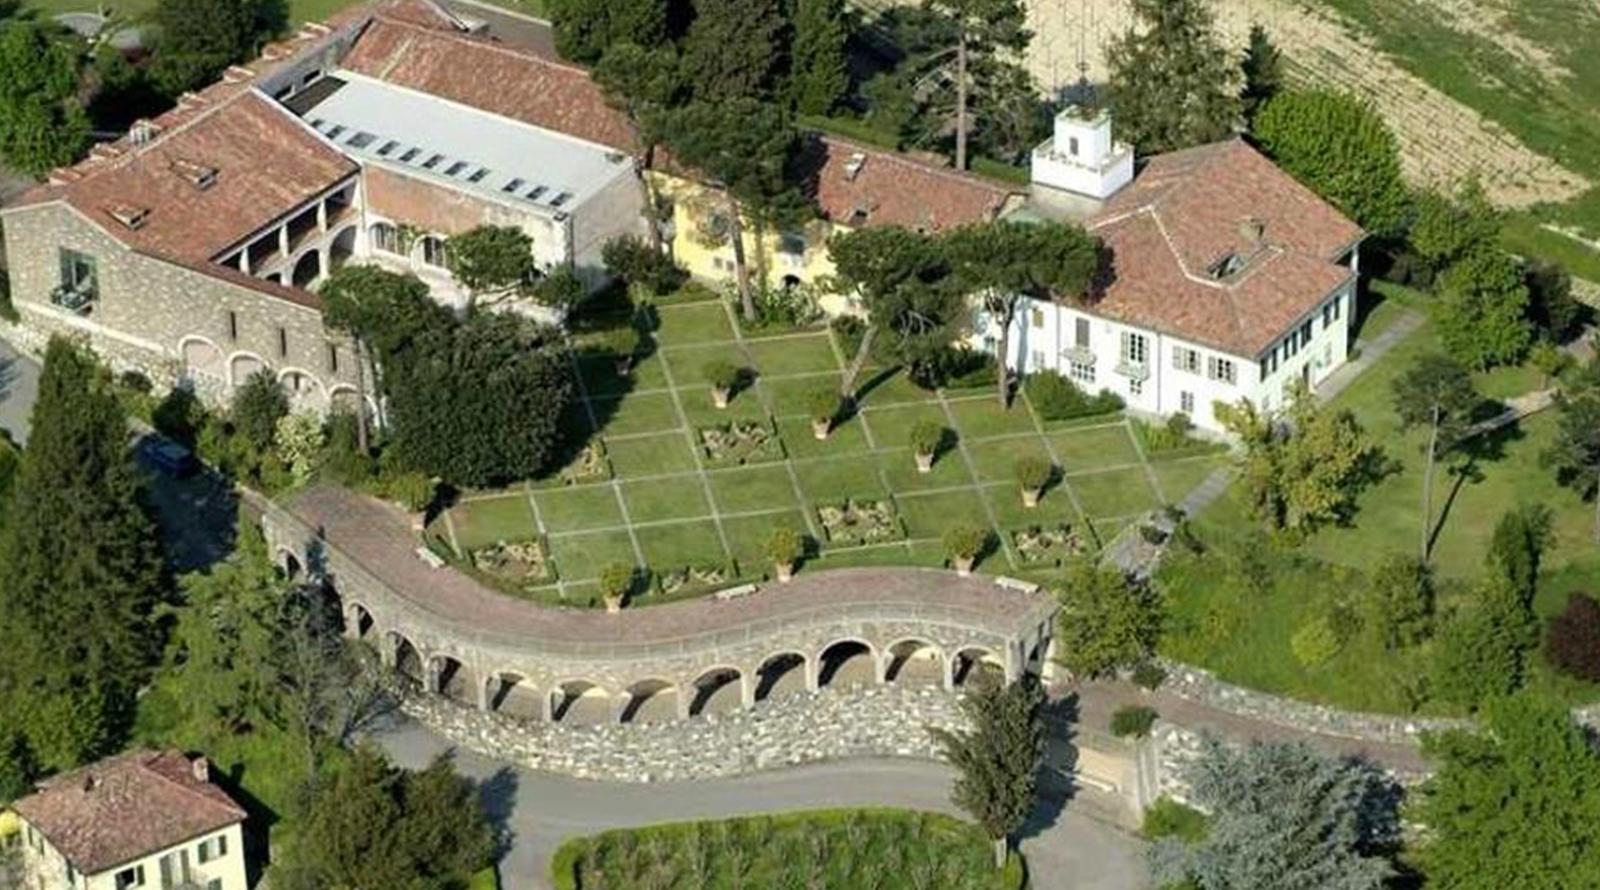 Villa ottolenghi il giardino degli artisti weekend premium - Il giardino degli artisti ...